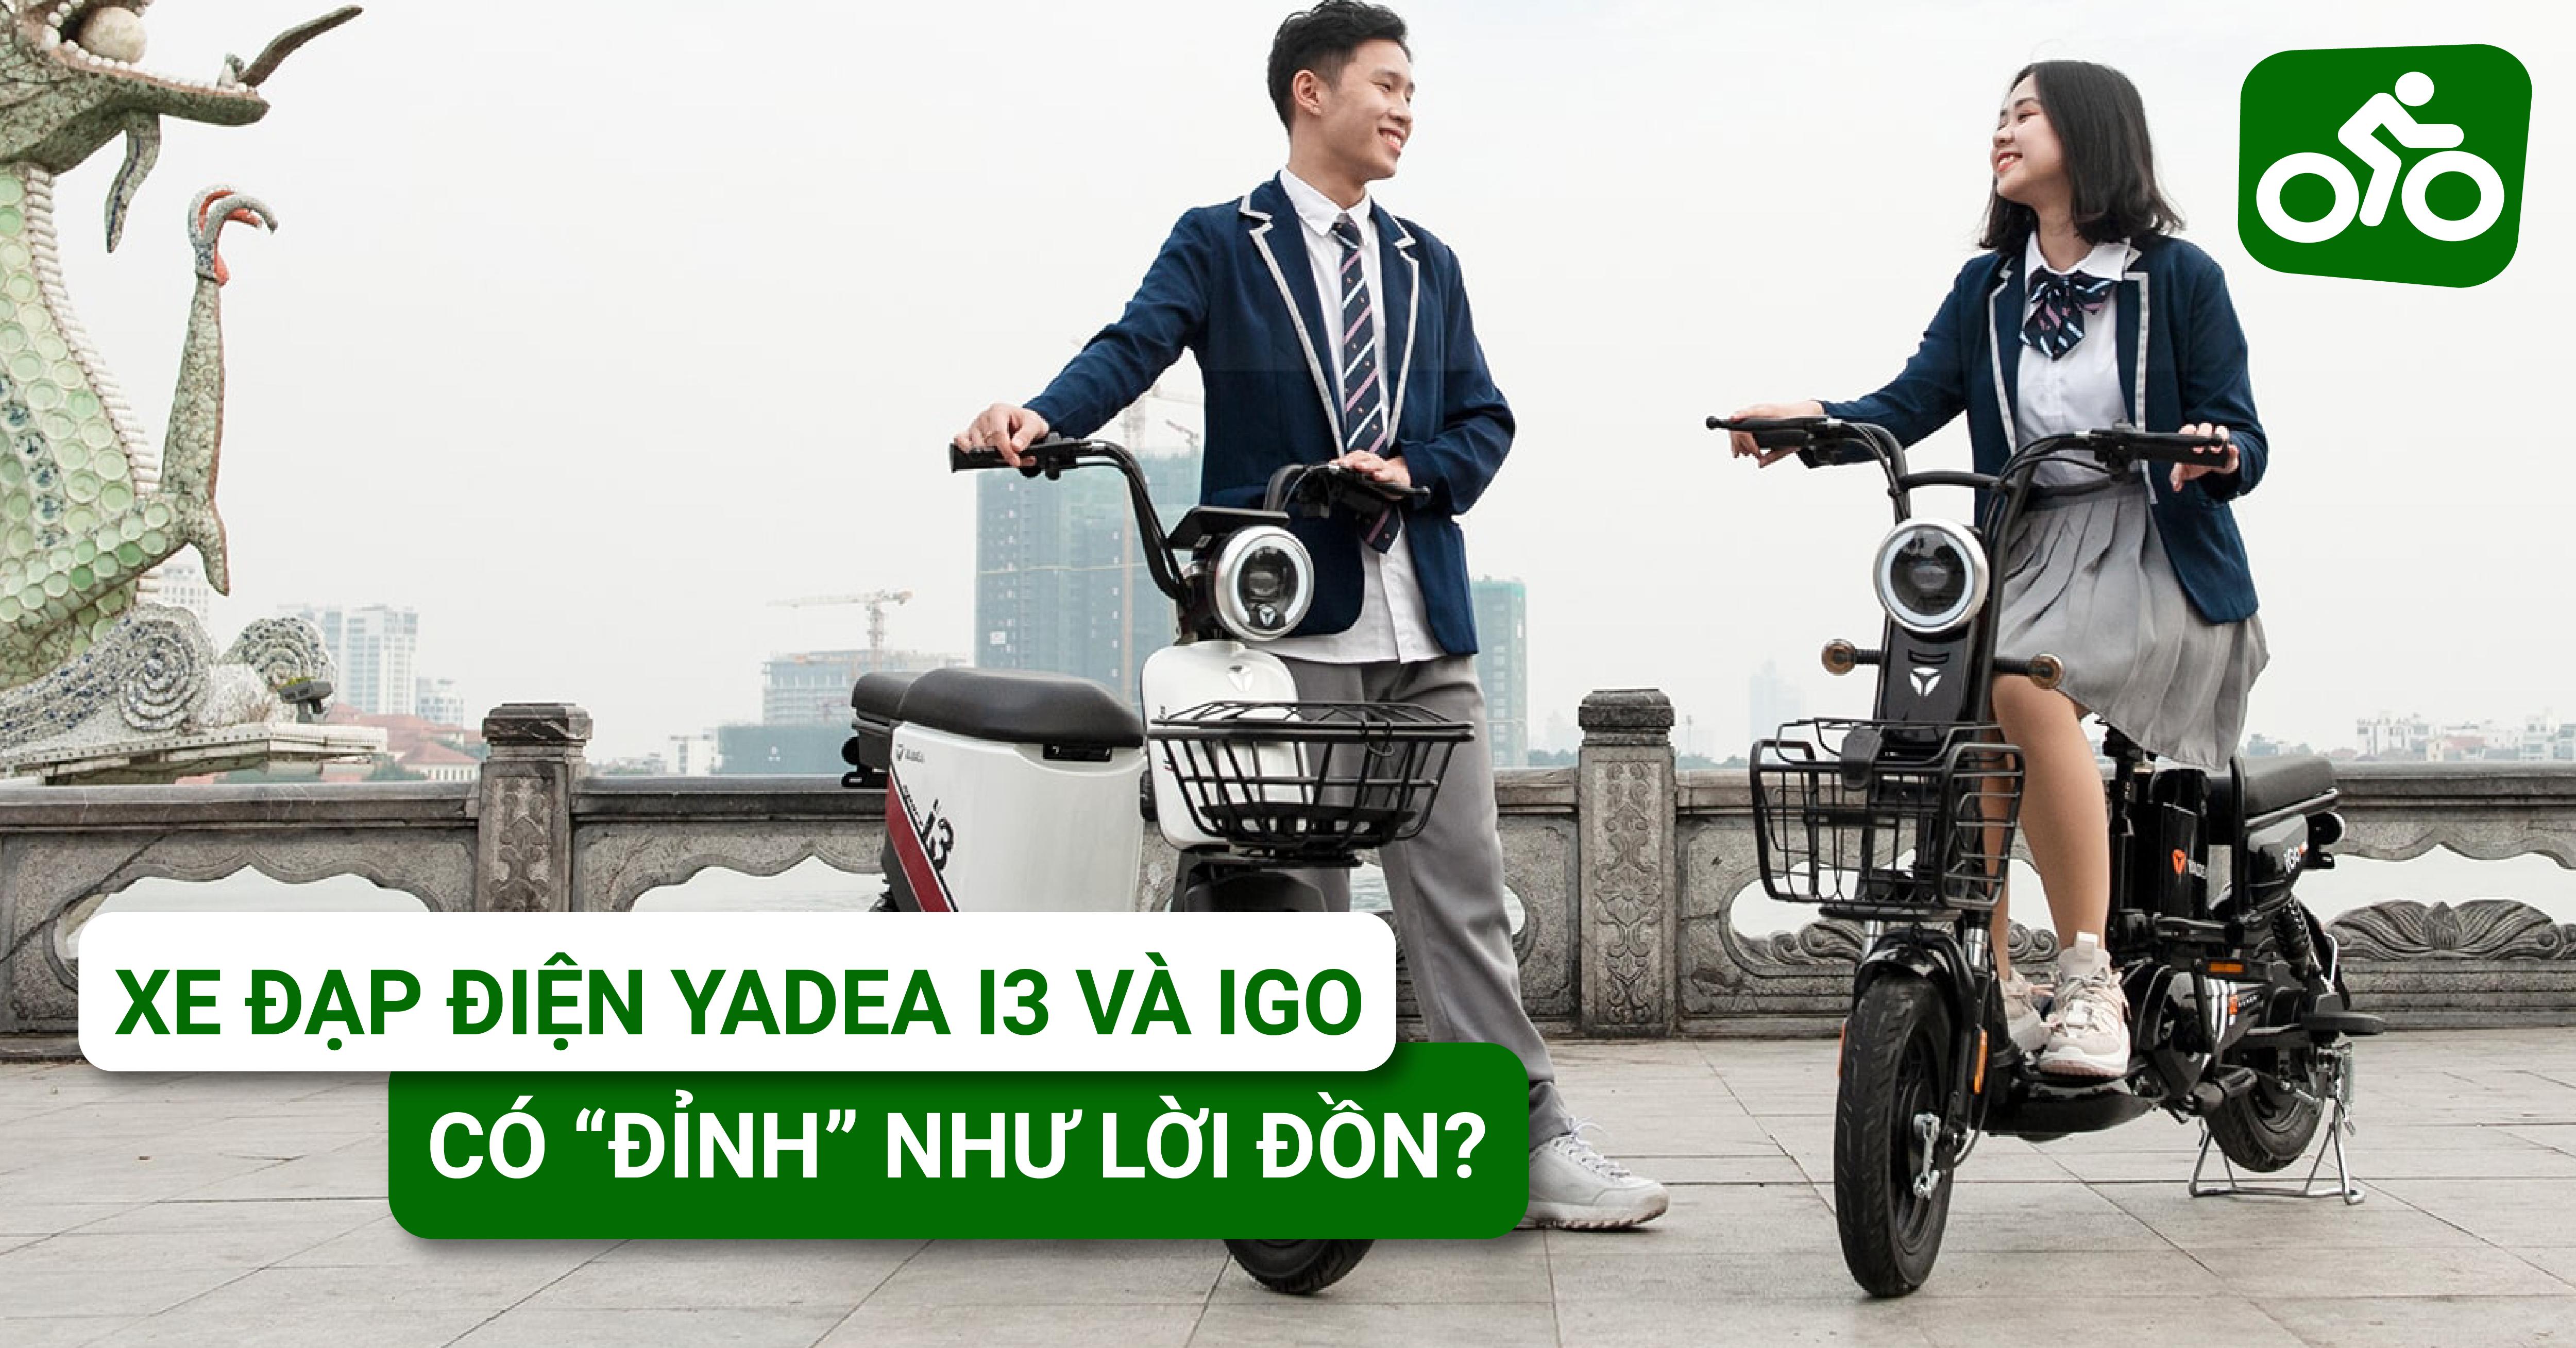 """Hai mẫu xe đạp điện YADEA I3 và IGO. Có """"đỉnh"""" như lời đồn?"""